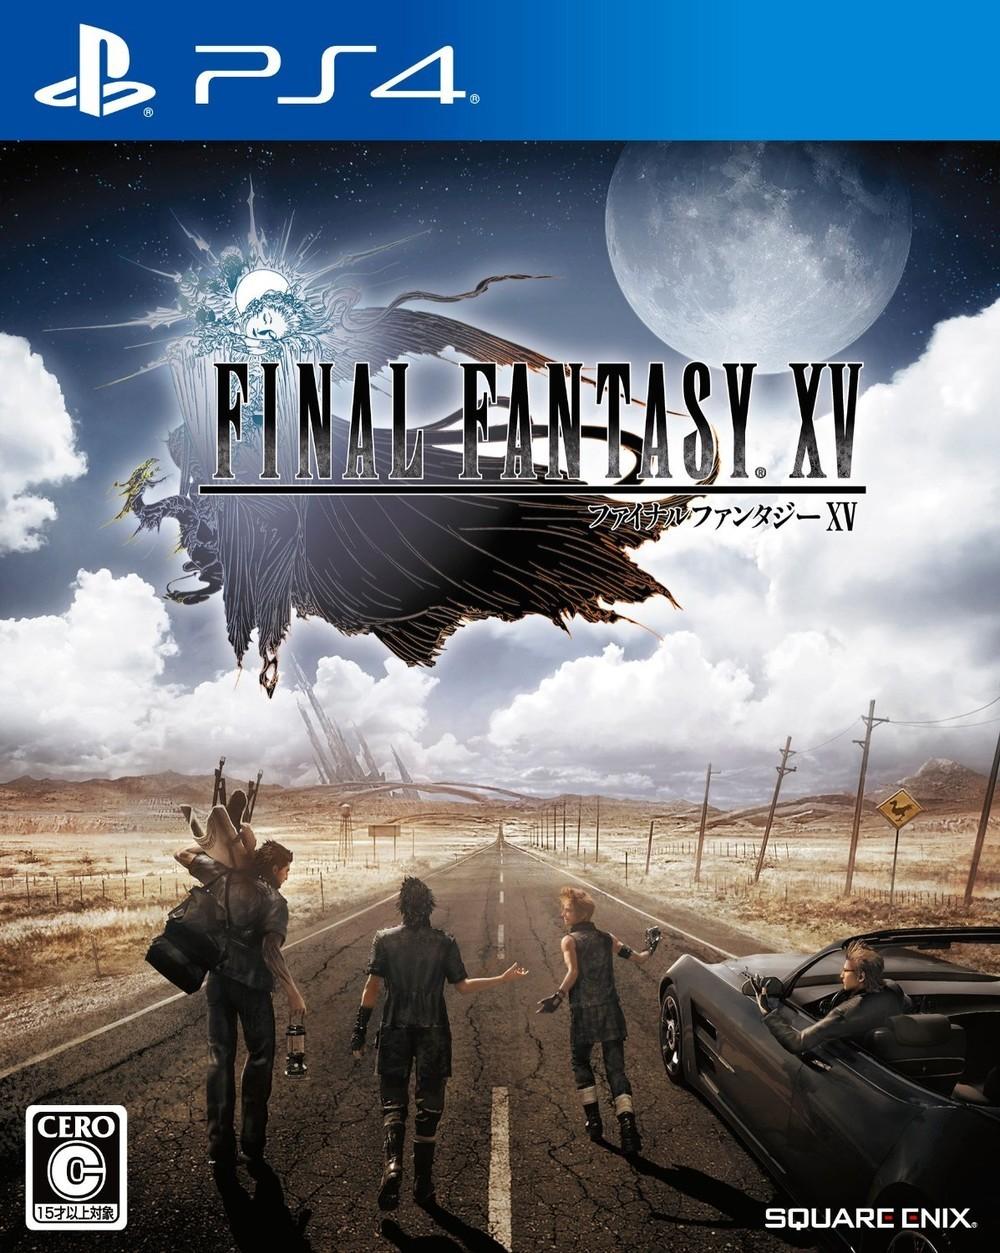 「ファイナルファンタジーXV」11月29日発売 「オープンワールド」初導入